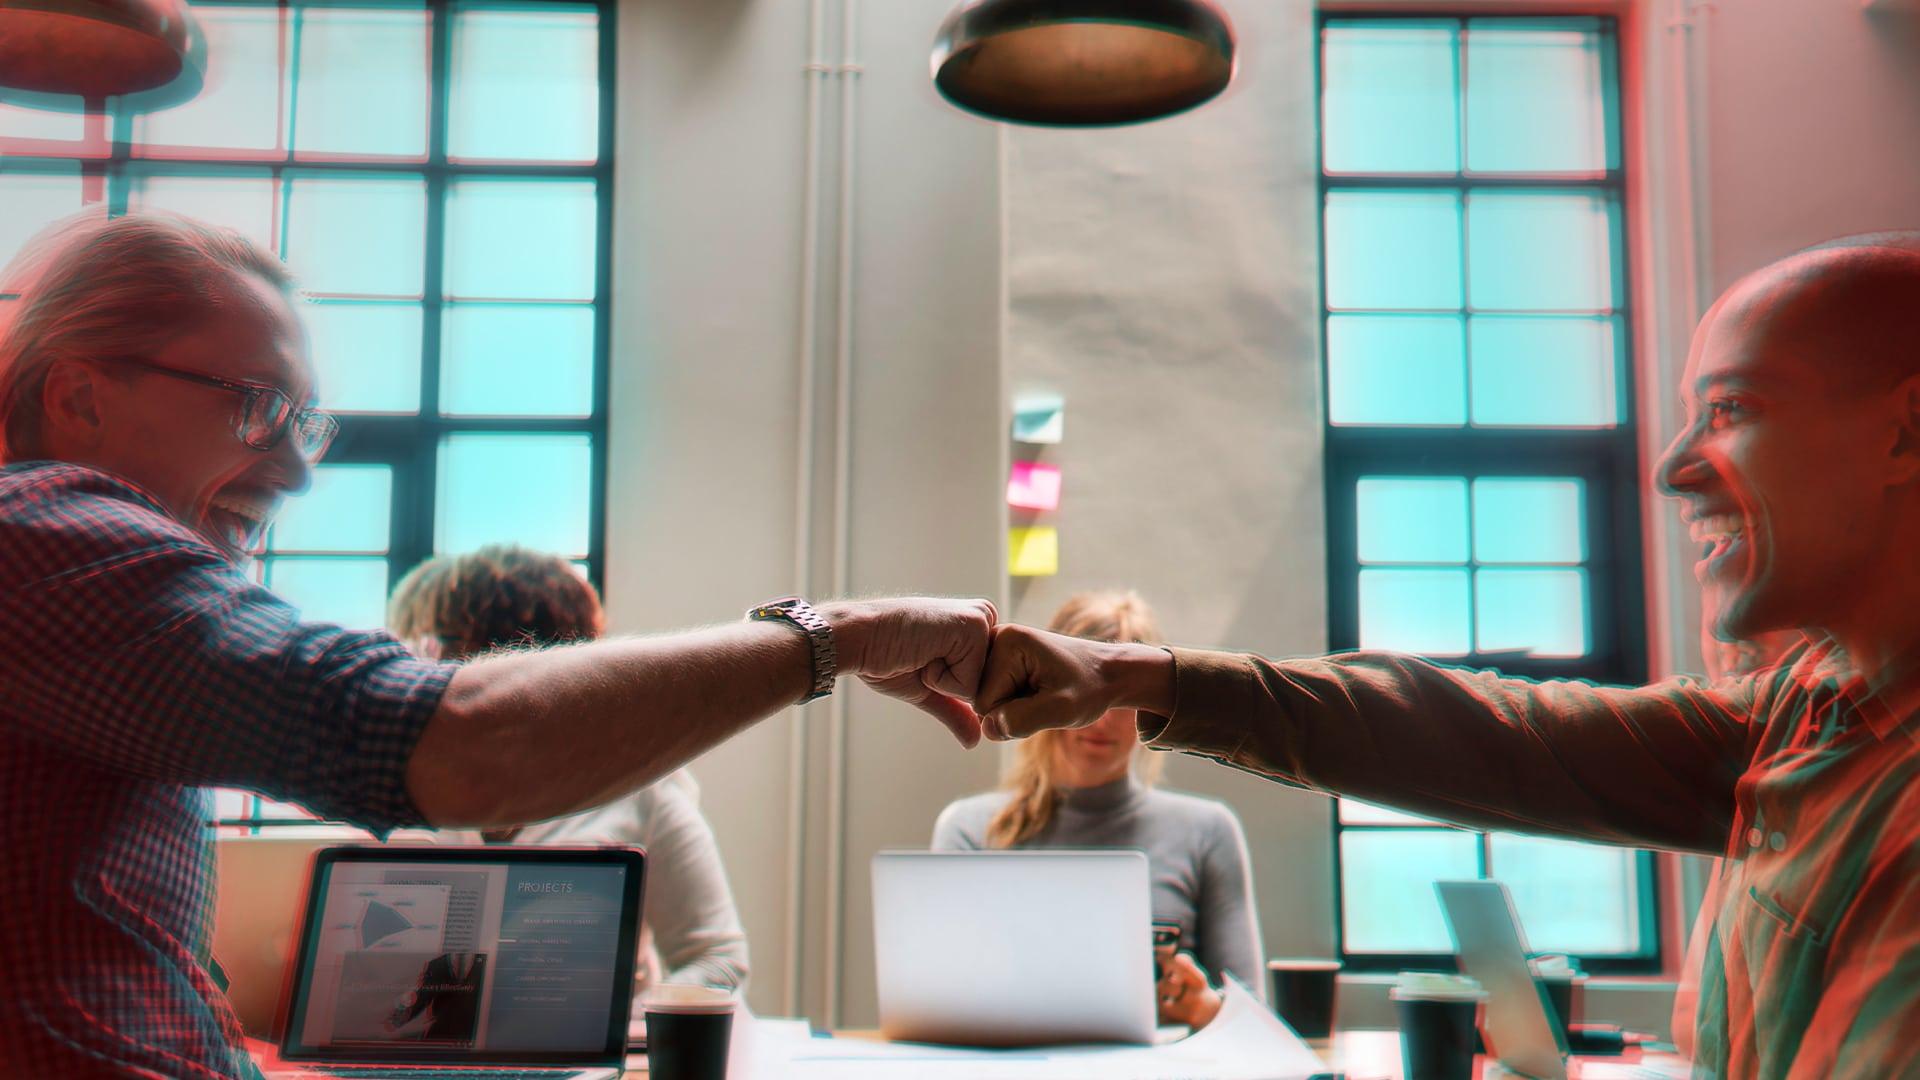 deux hommes dans un bureaux qui se tape les poings